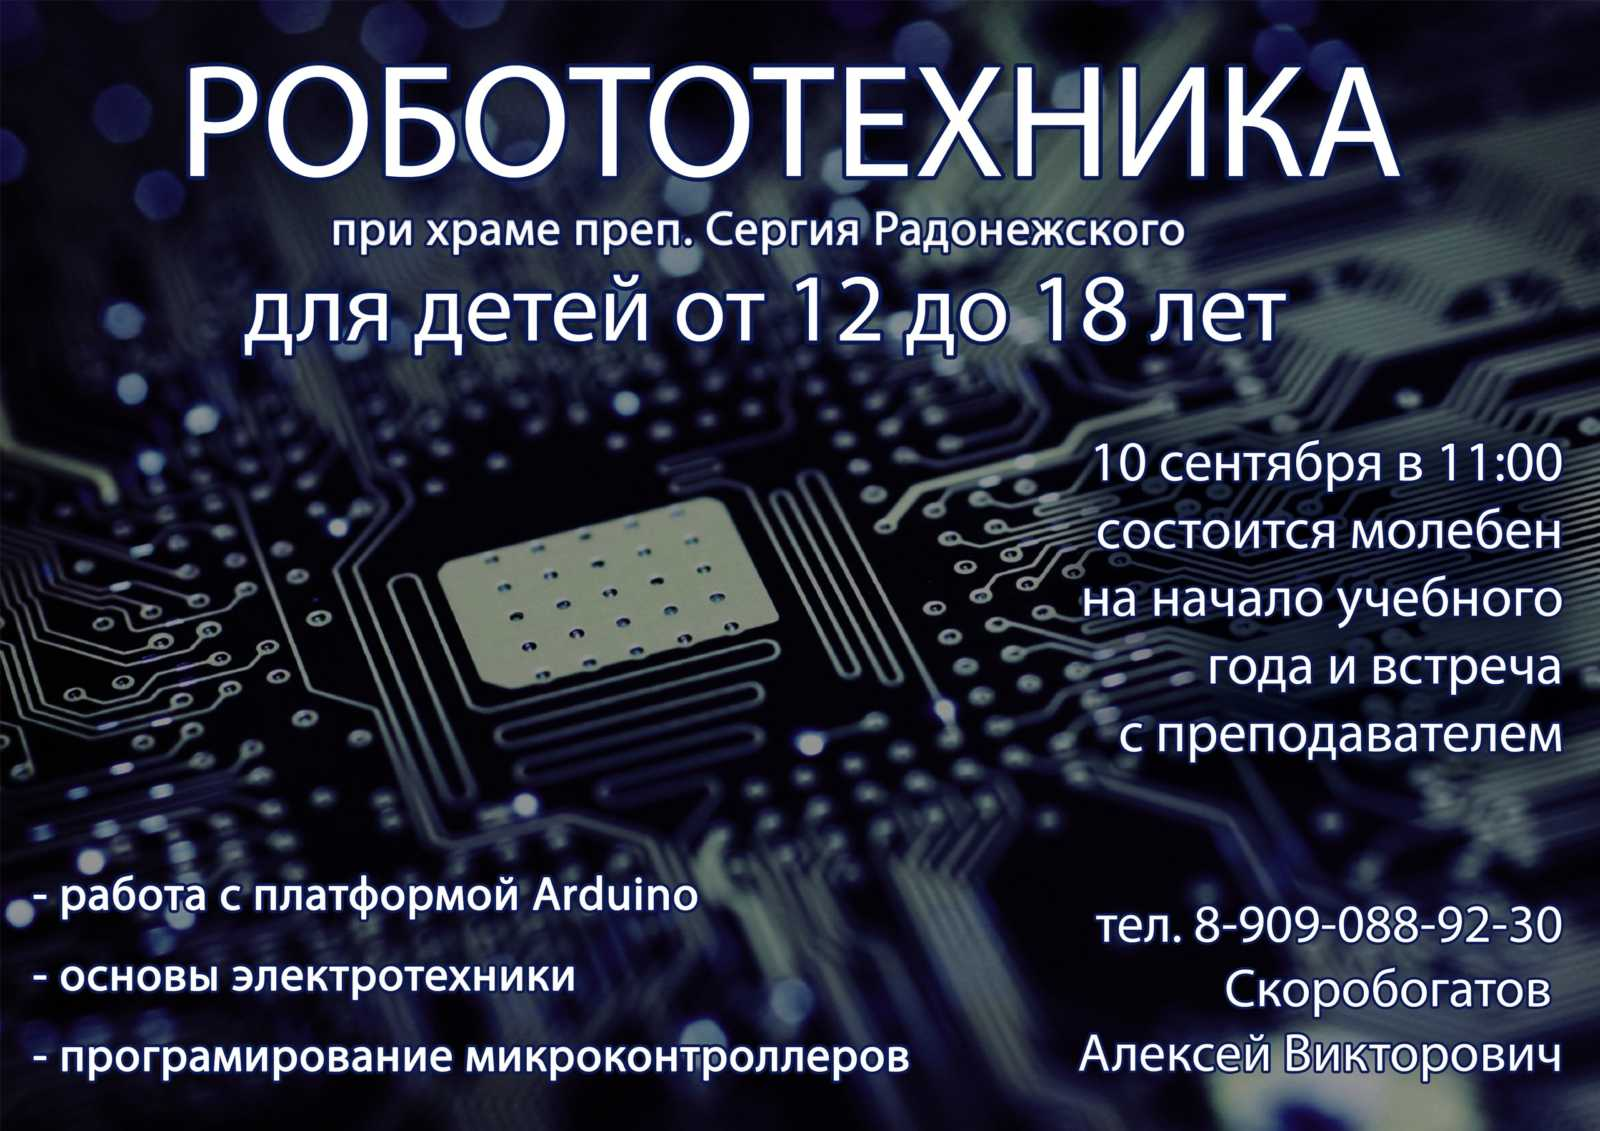 Кружок робототехники при храме Сергия Радонежского